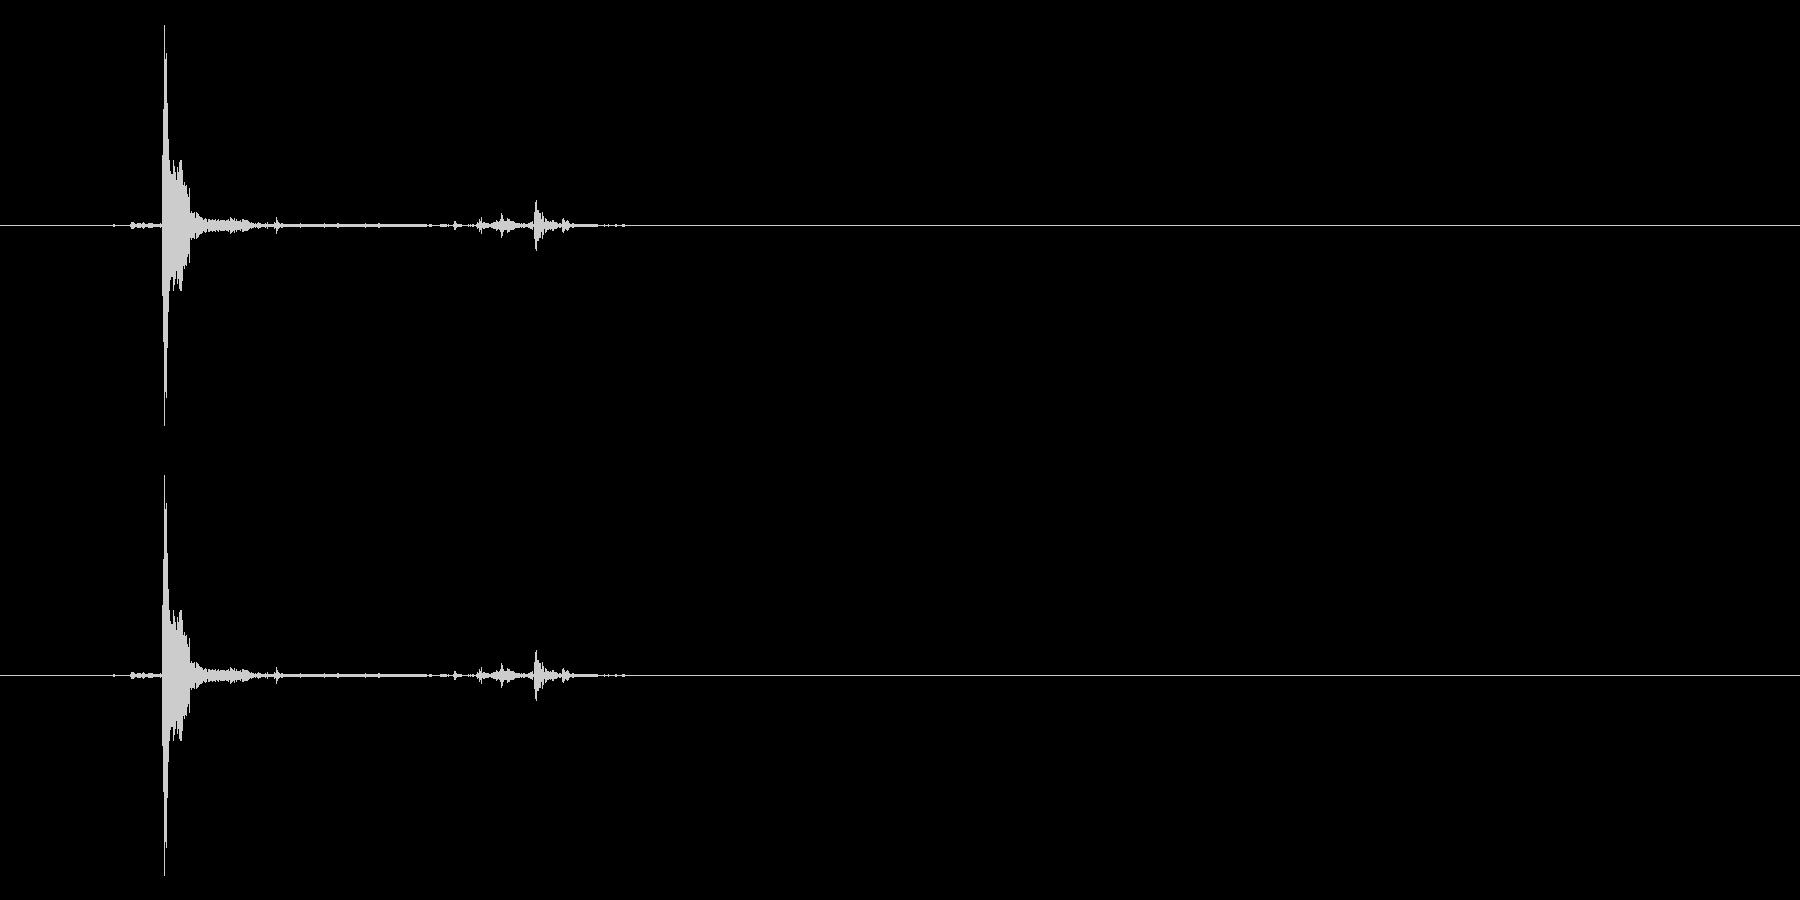 ポッチャン!池ポチャの音4の未再生の波形